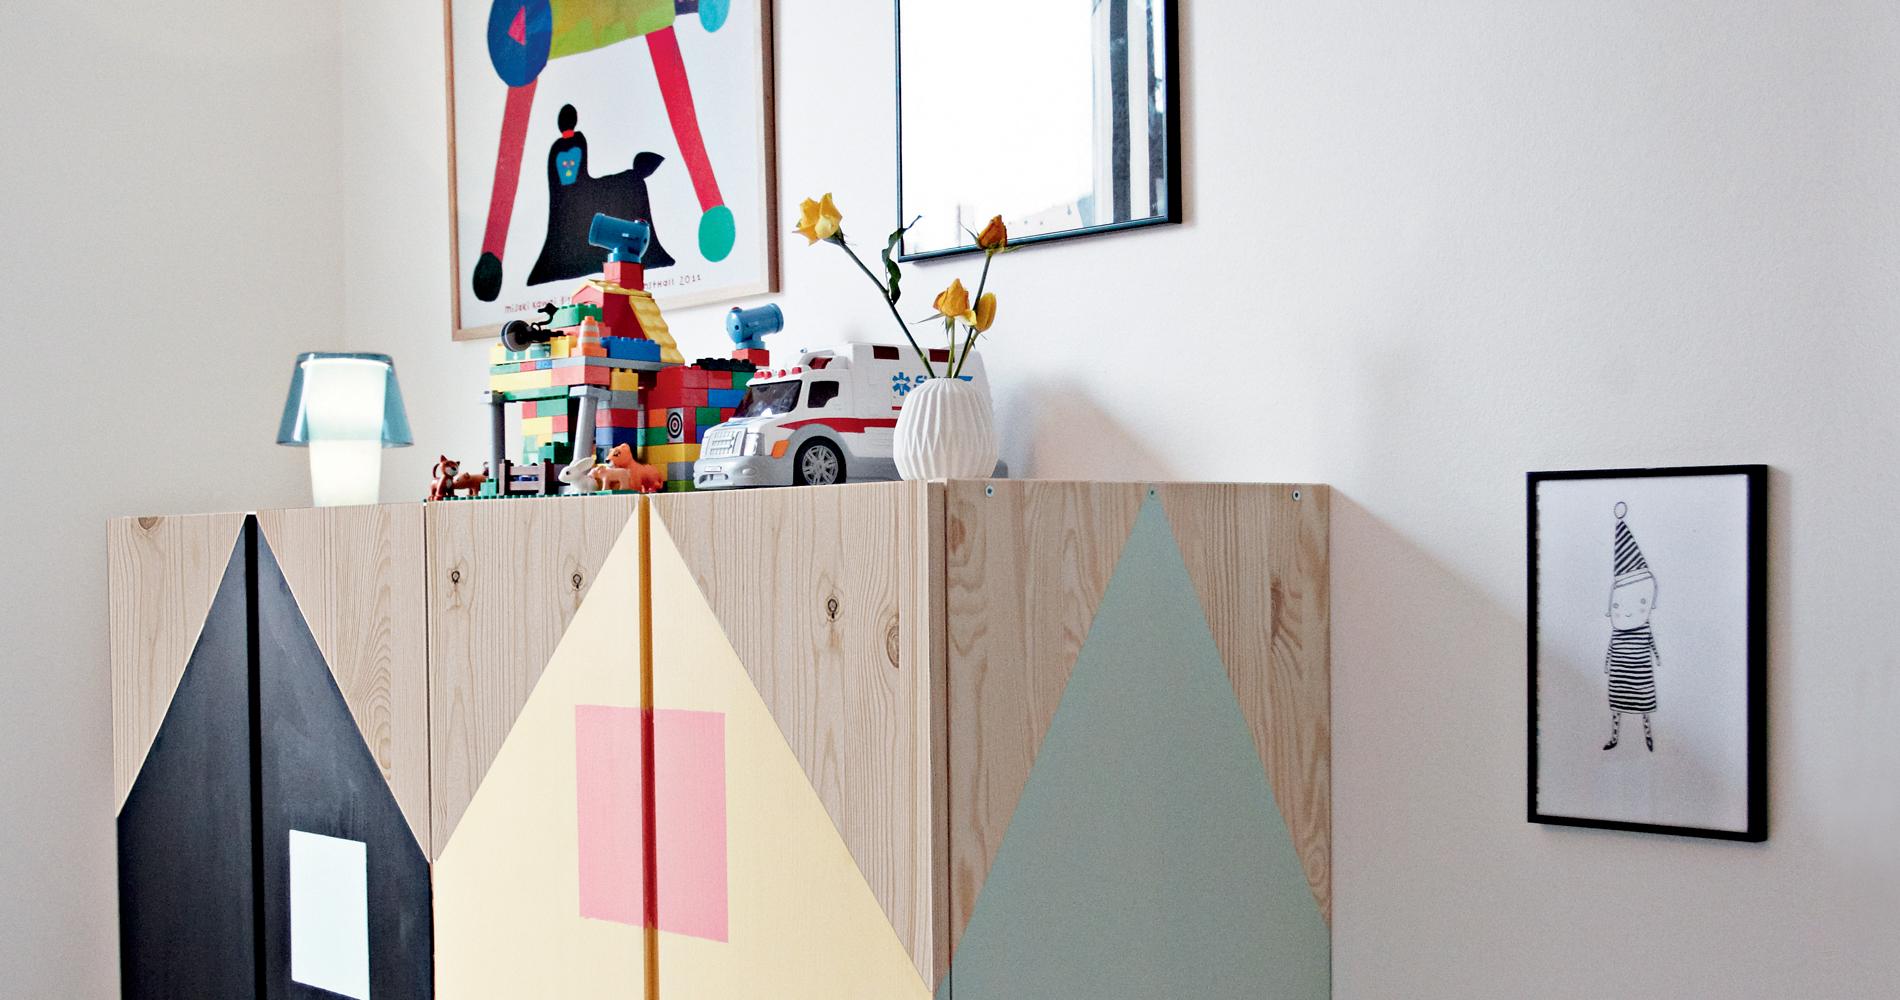 Transformer Ses Meubles Ikea les 30 meilleurs détournements de meubles ikea - madame figaro